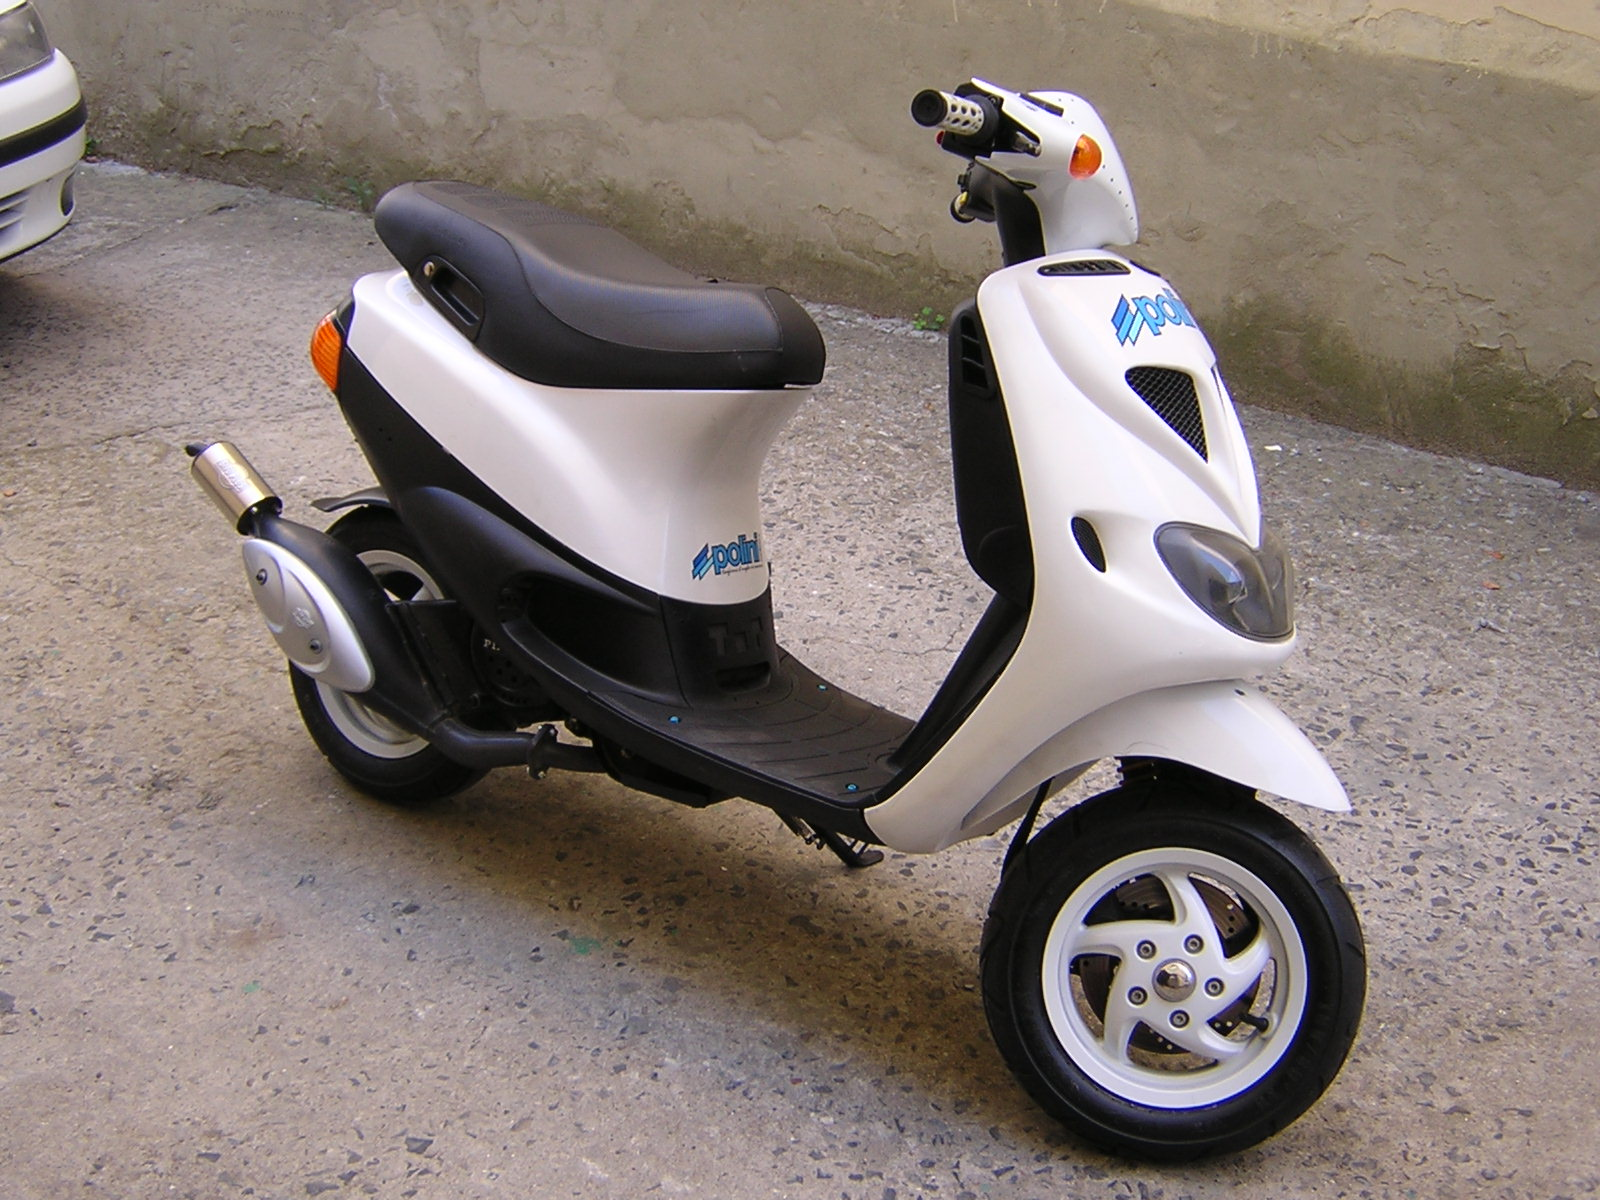 Piaggio Zip Sp For Sale